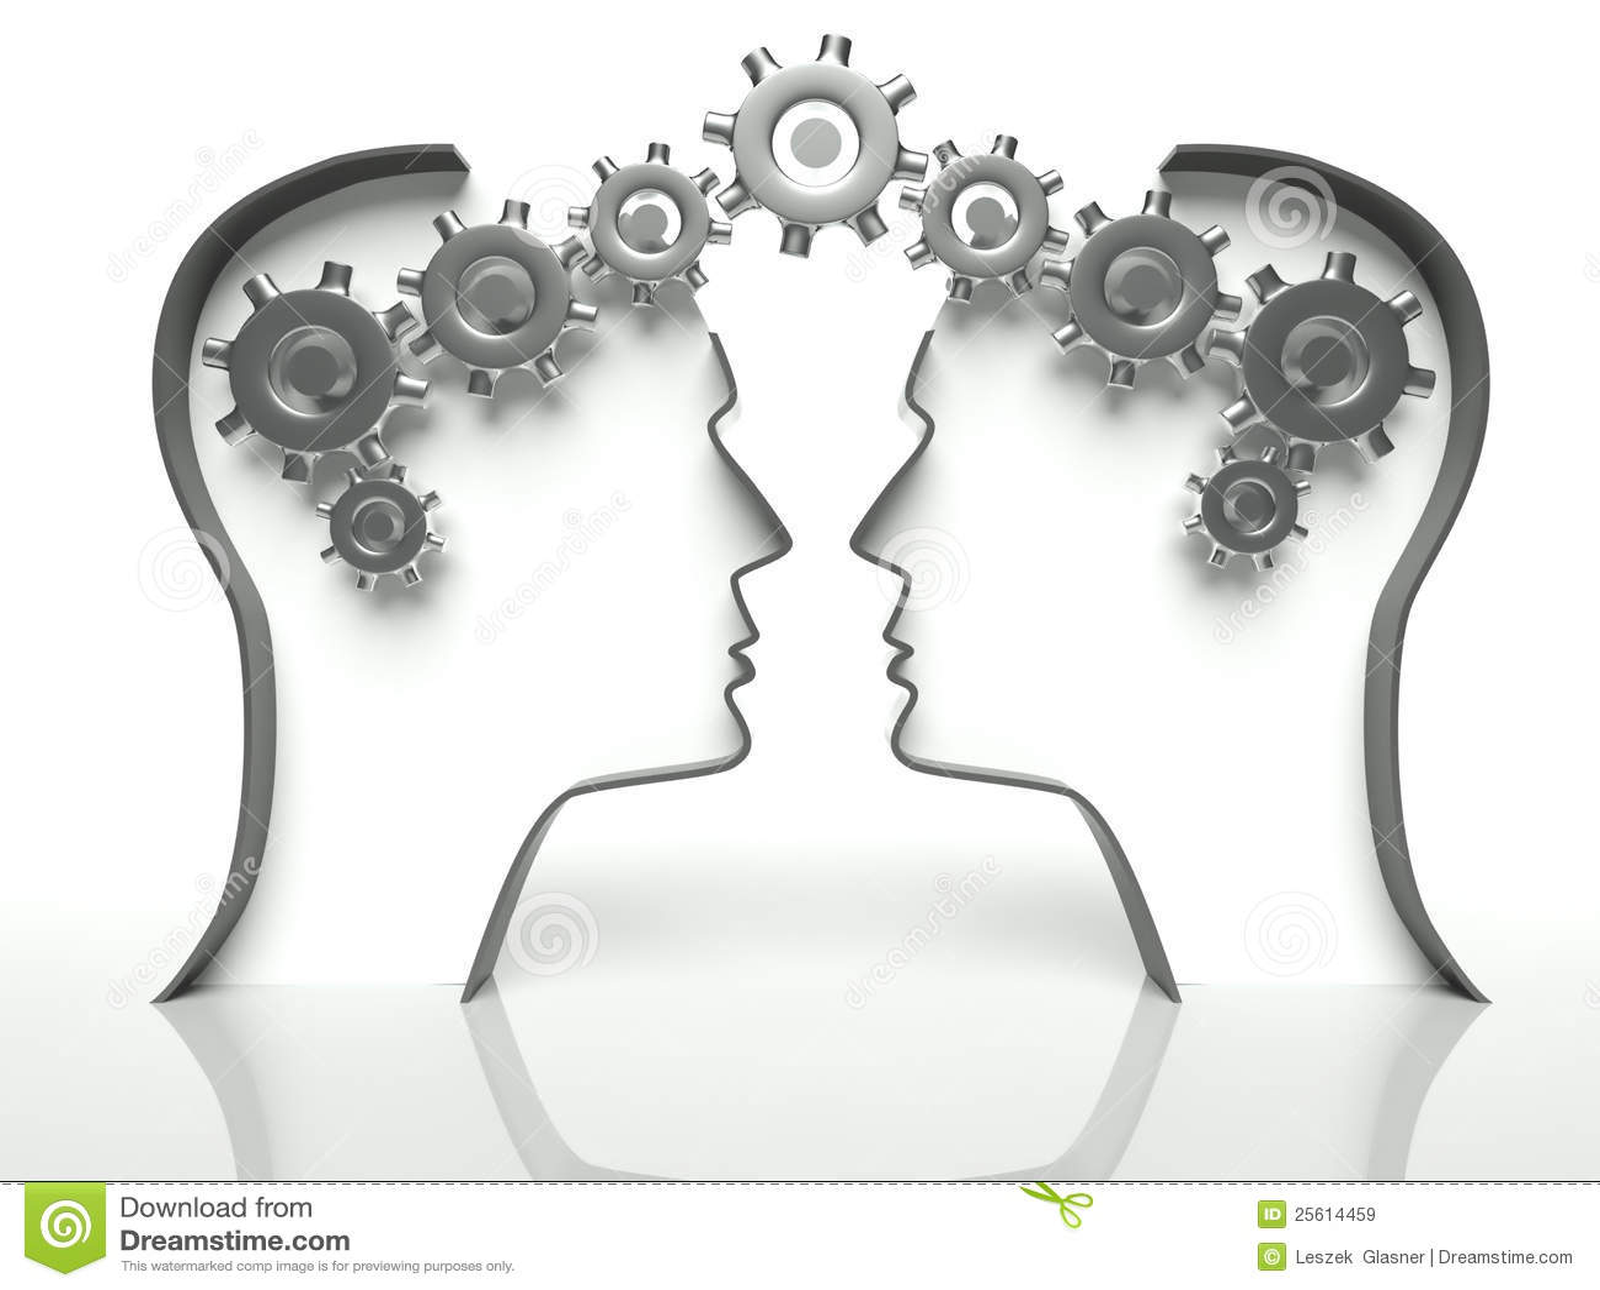 Cérebros e engrenagens na cabeça, conceito de uma comunicação